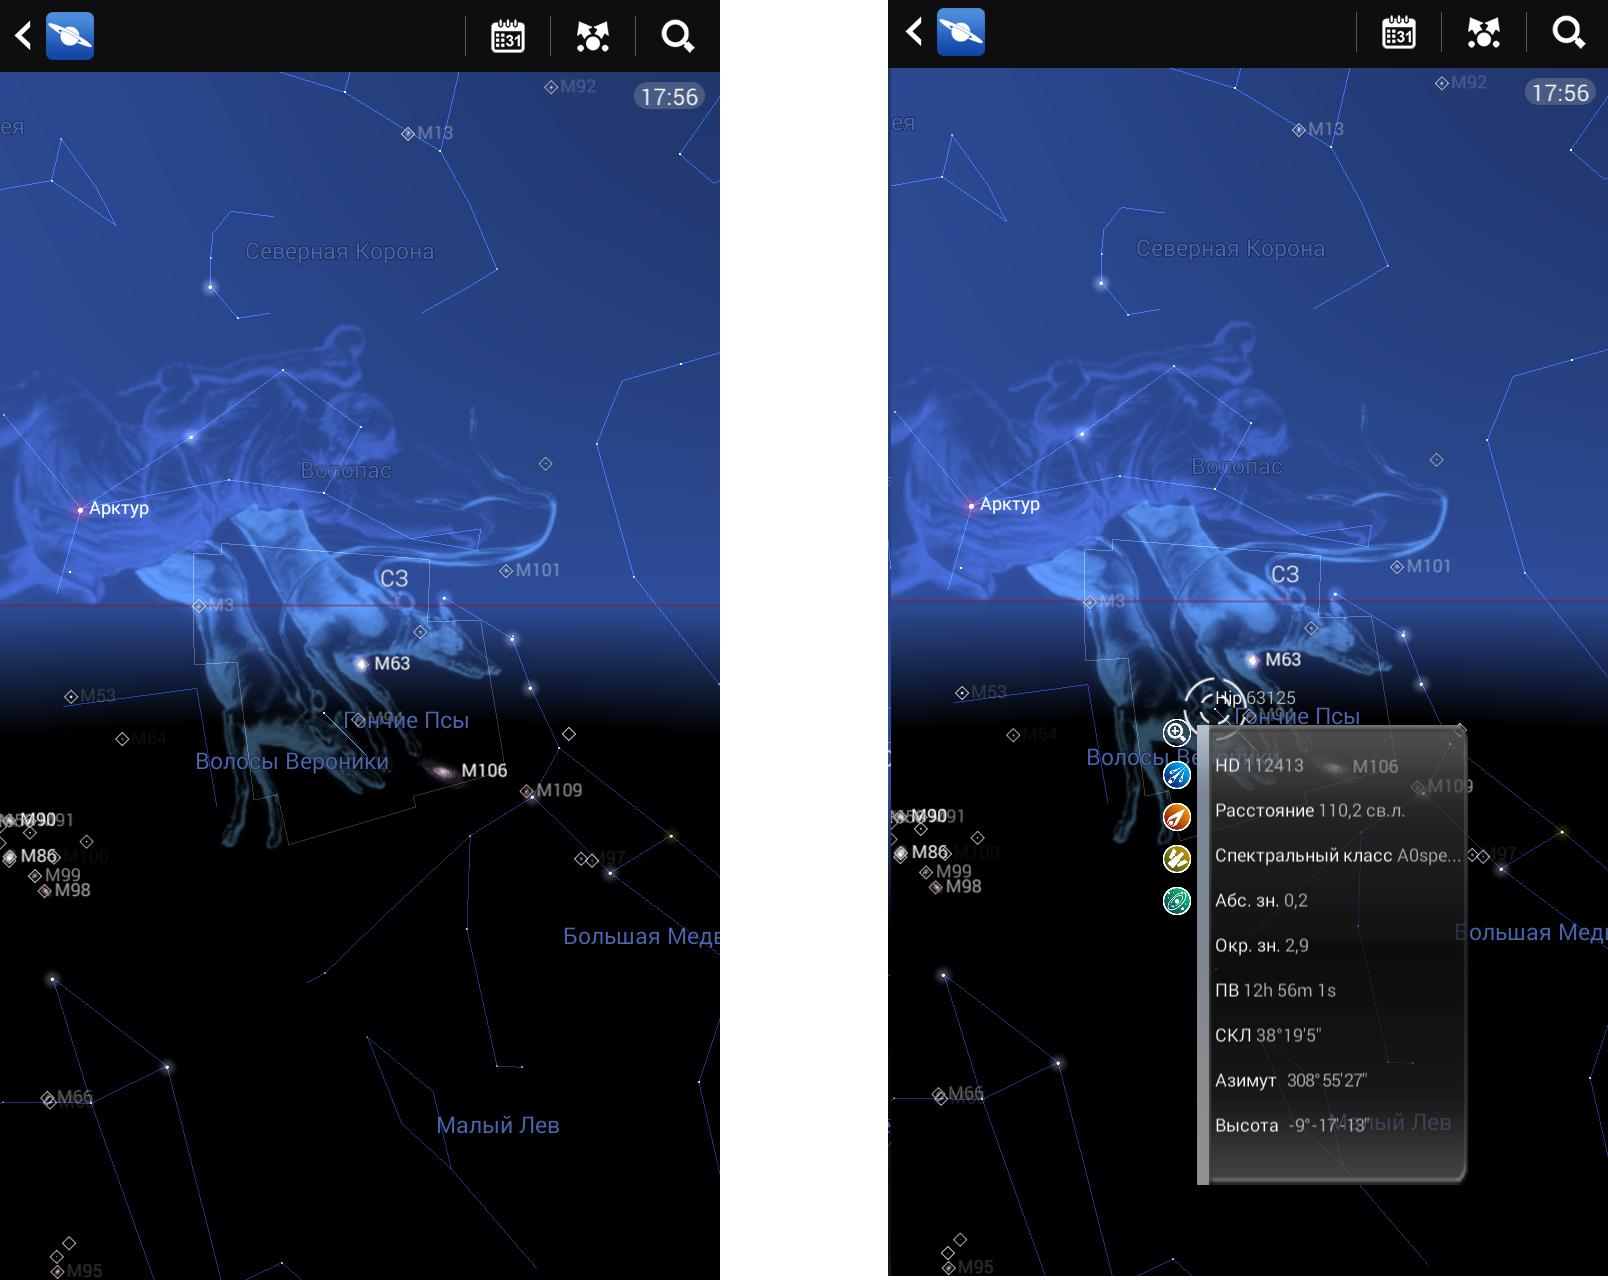 ТОП-20 приложений для Android - Star Chart